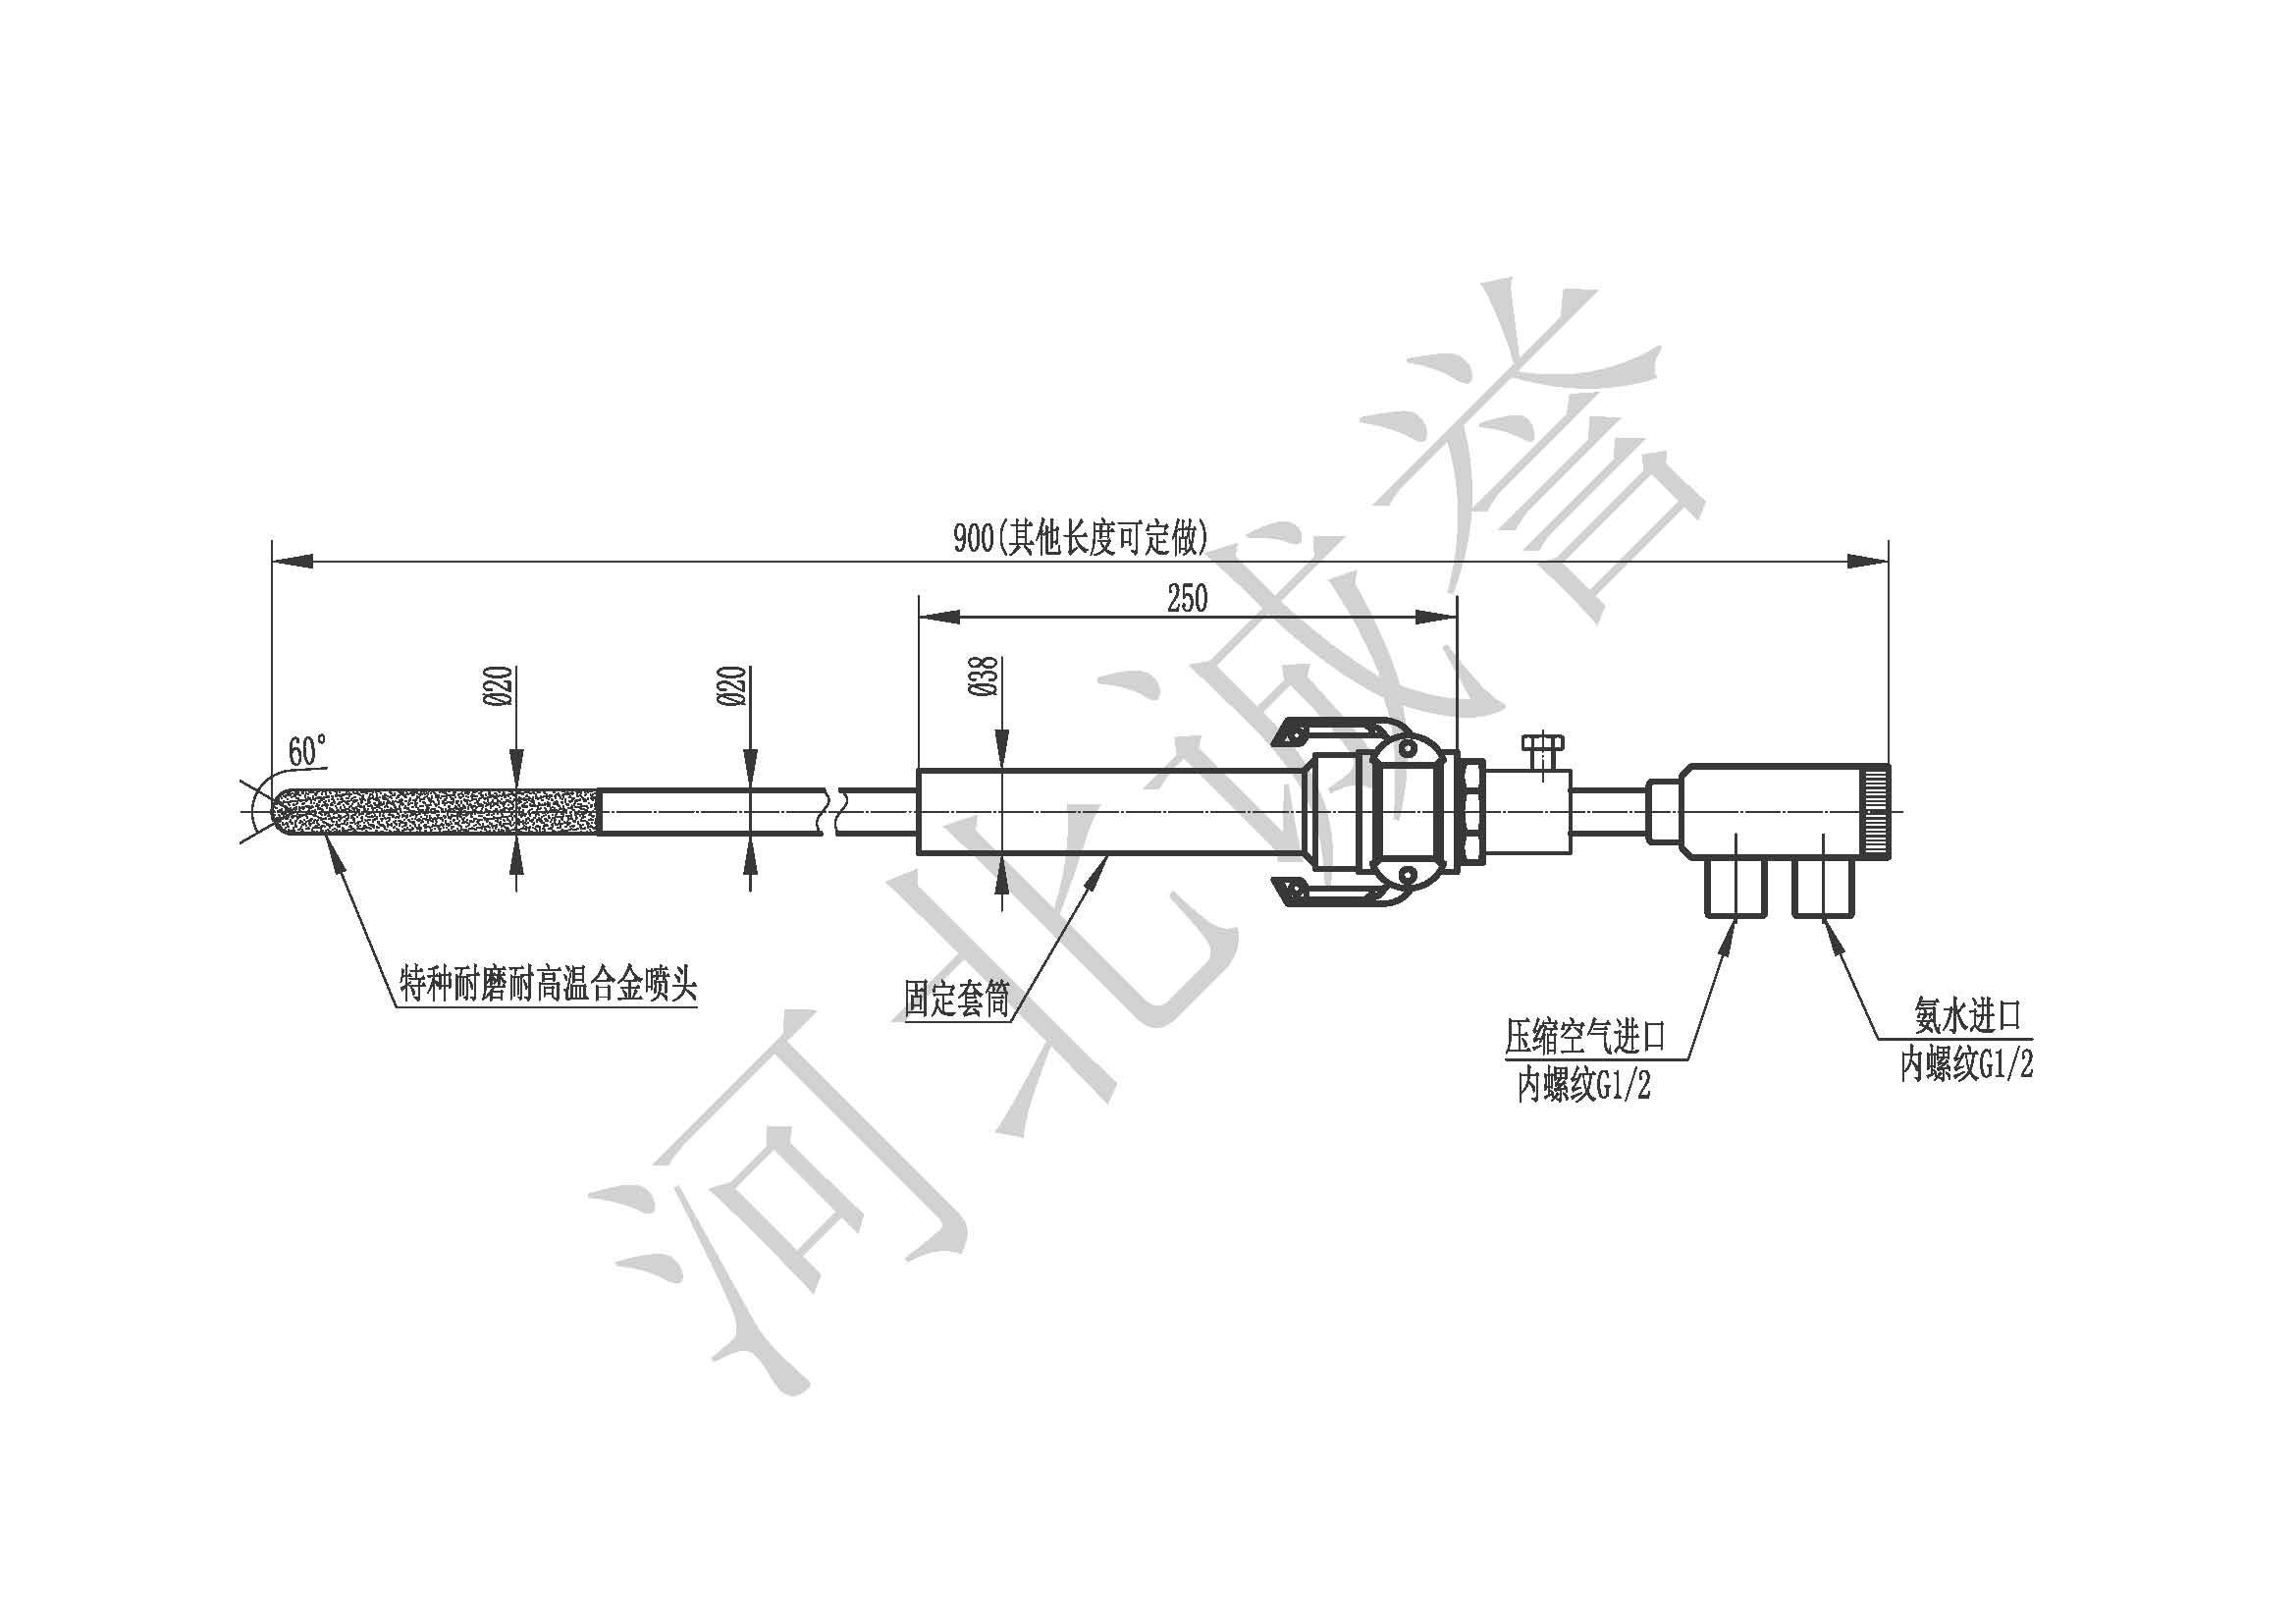 水泥厂脱硝喷枪结构图